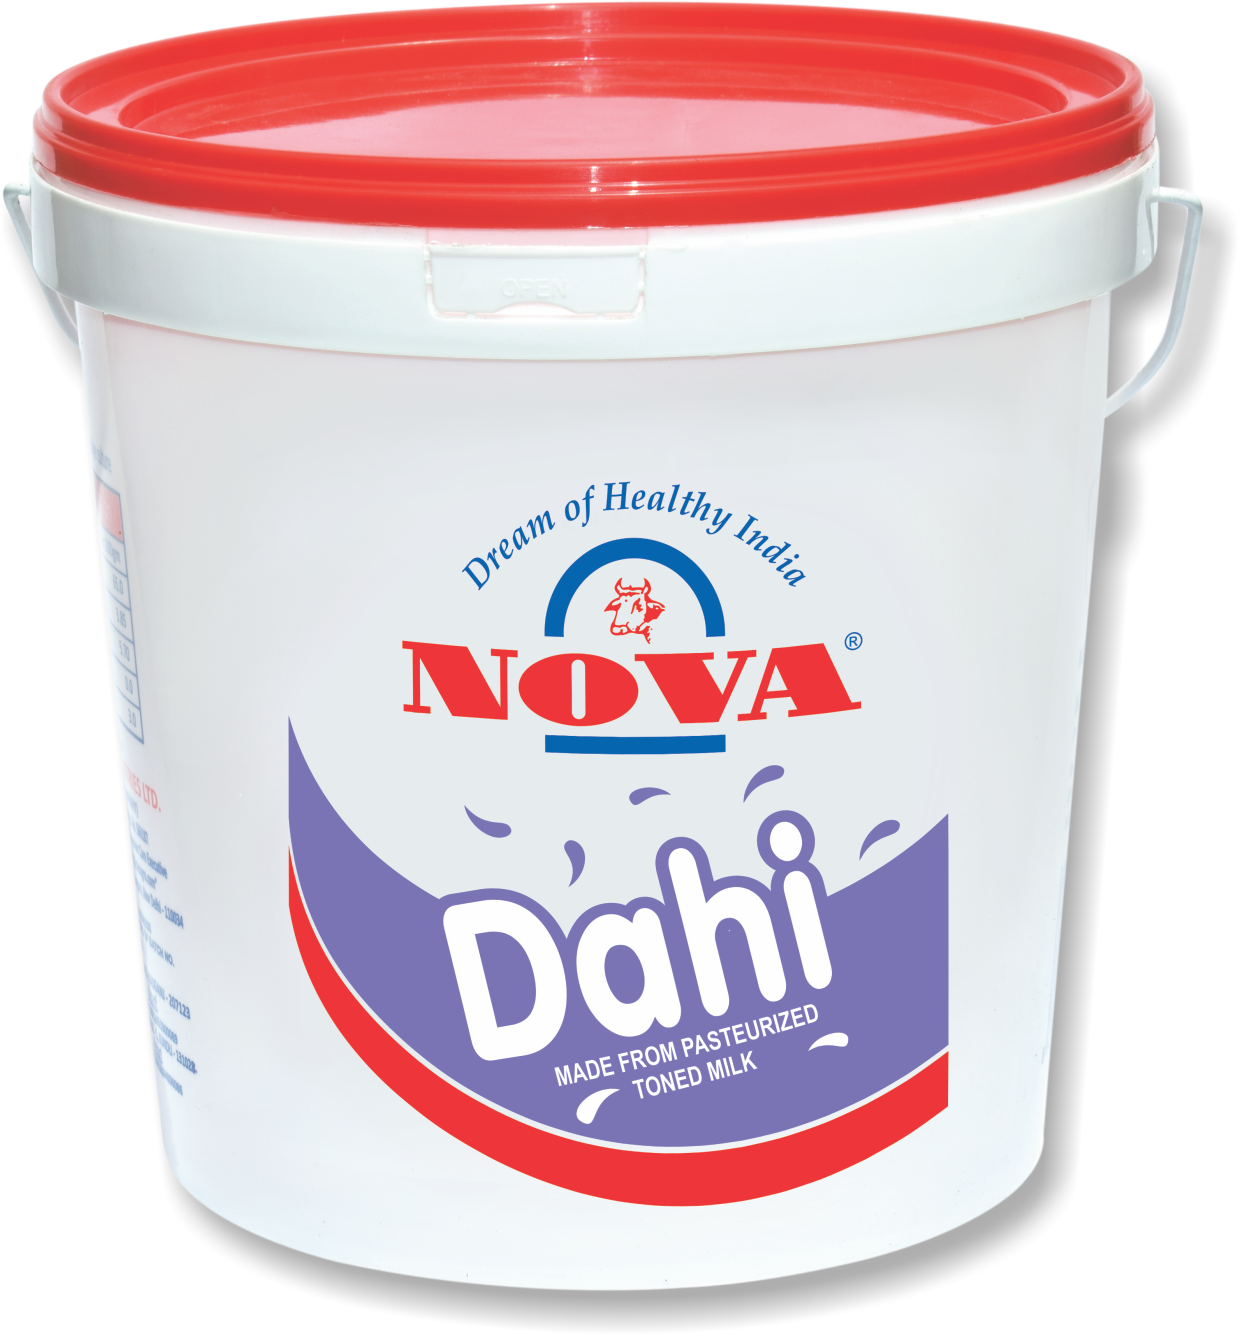 Nova Dahi